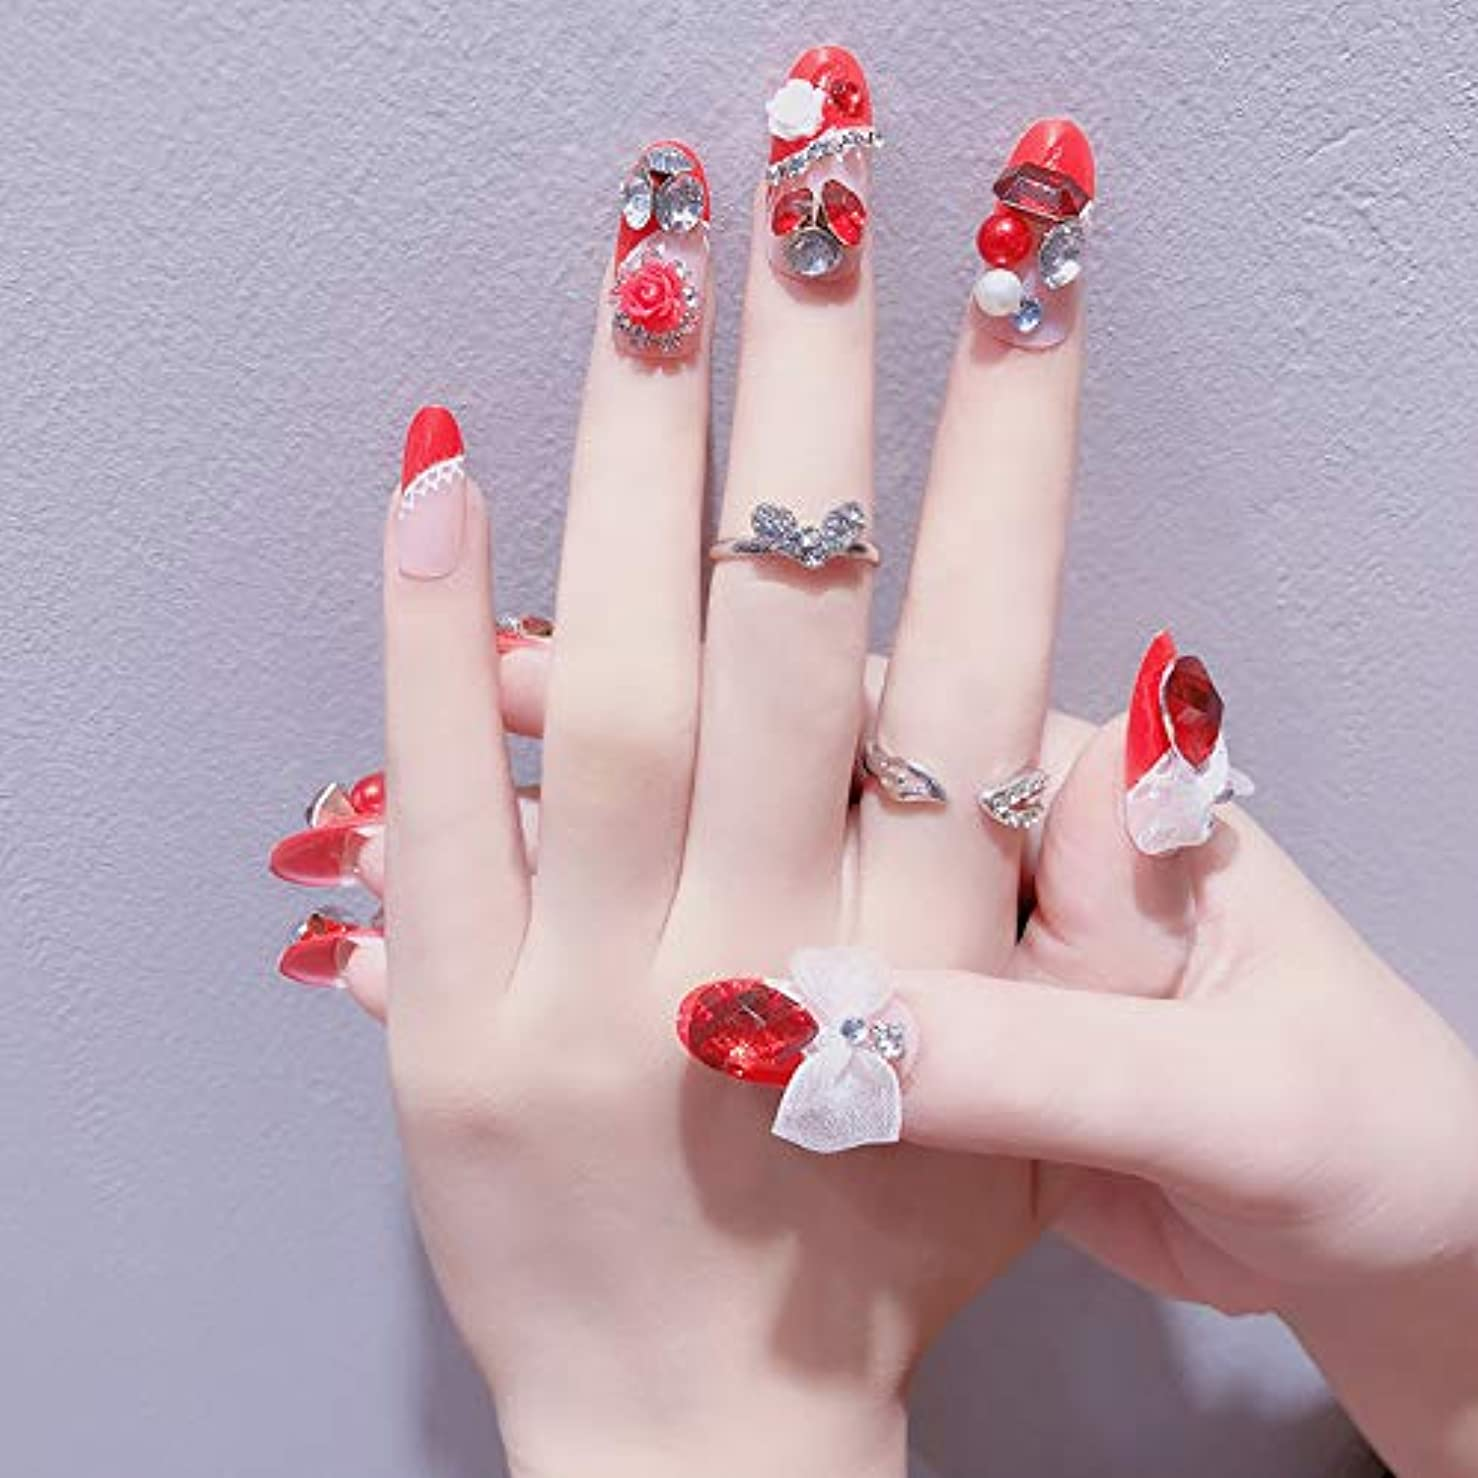 肉ストライド弱い豪华なつけ爪 眩しいつけ爪 ネイルチップ ブルー ラインストーンリボンが輝く 24枚組セット 結婚式、パーティー、二次会などに ネイルアート (AF08)